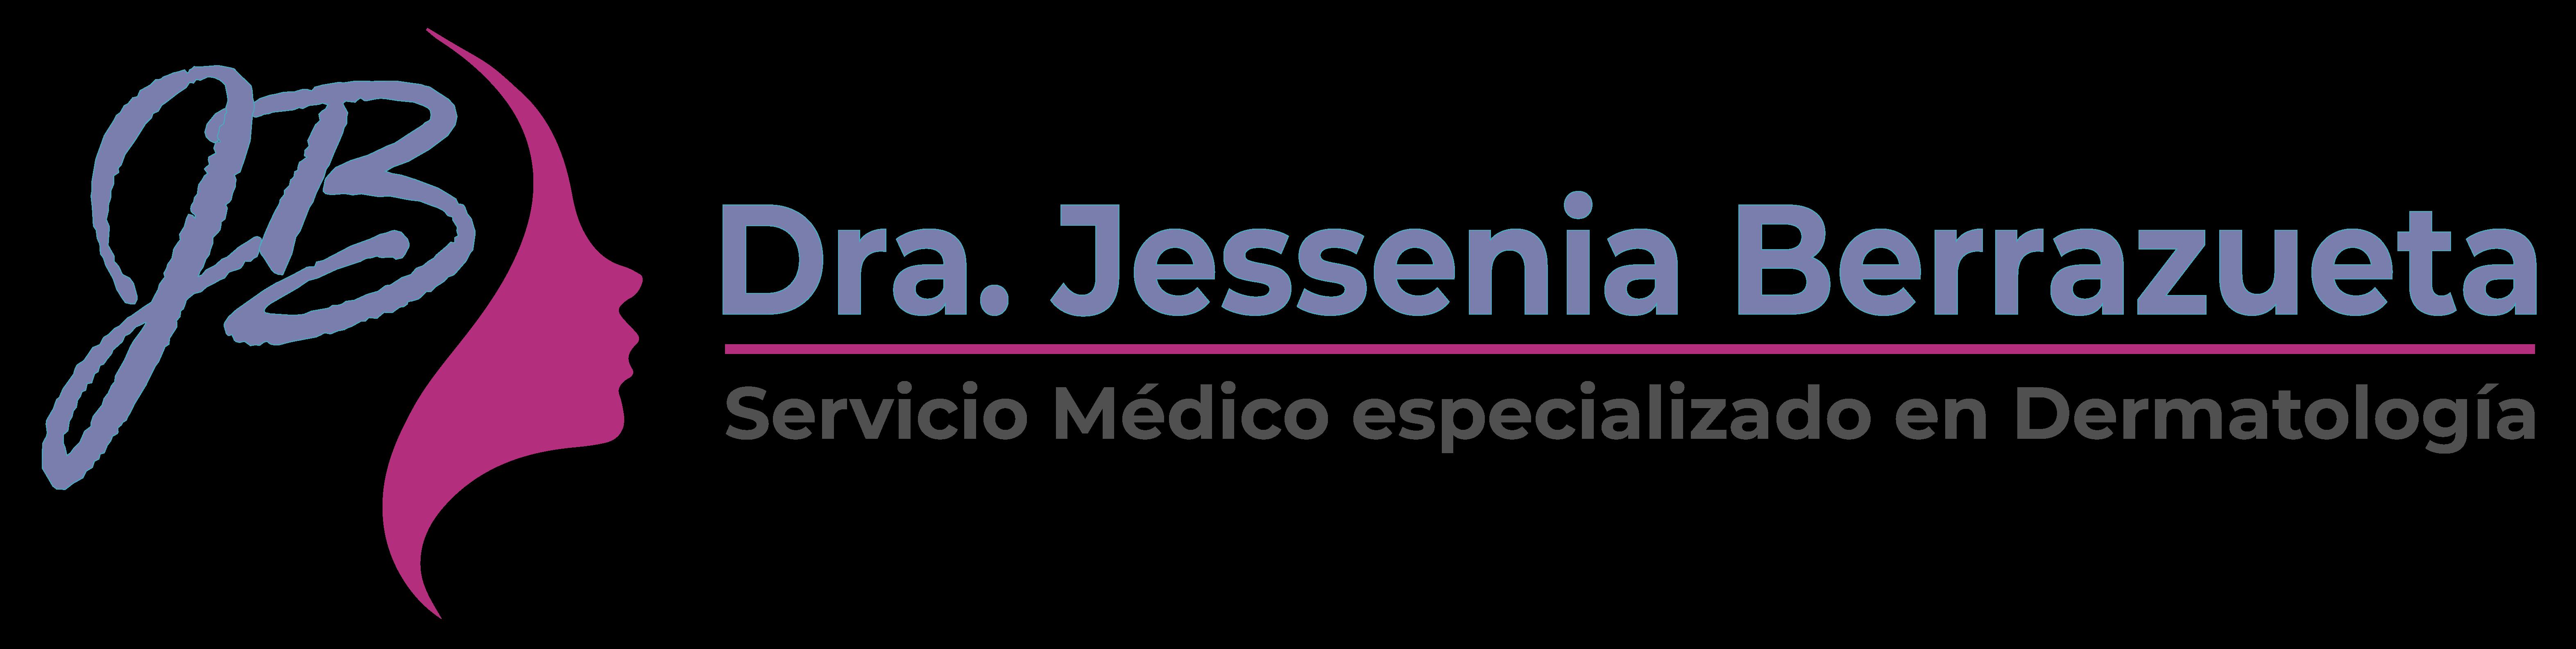 Servicio Médico especializado en Dermatología